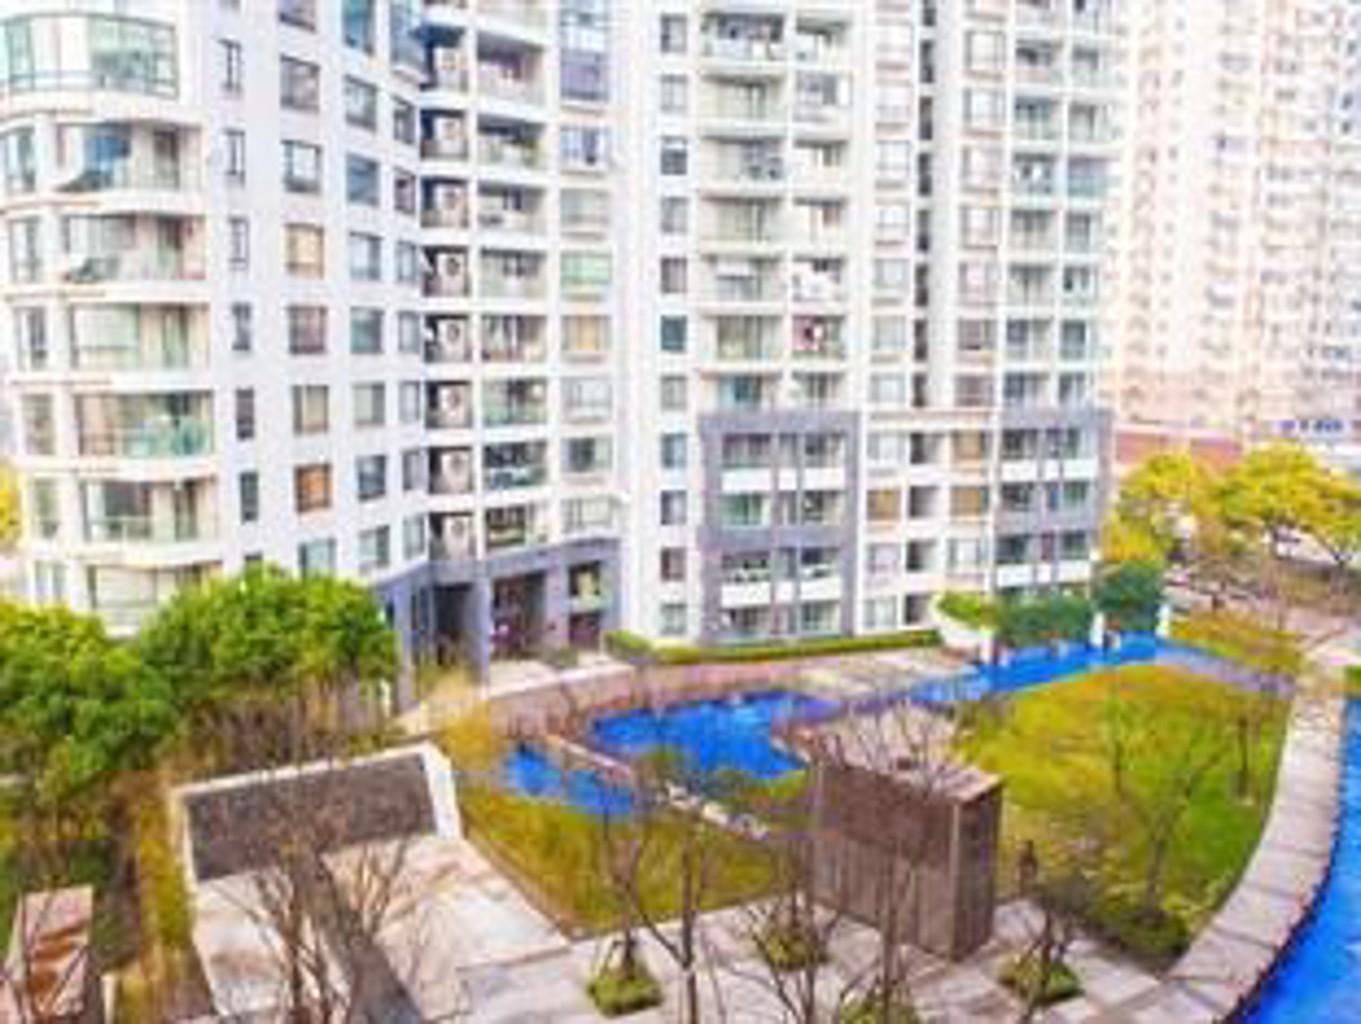 Yopark Serviced Apartment City Condo